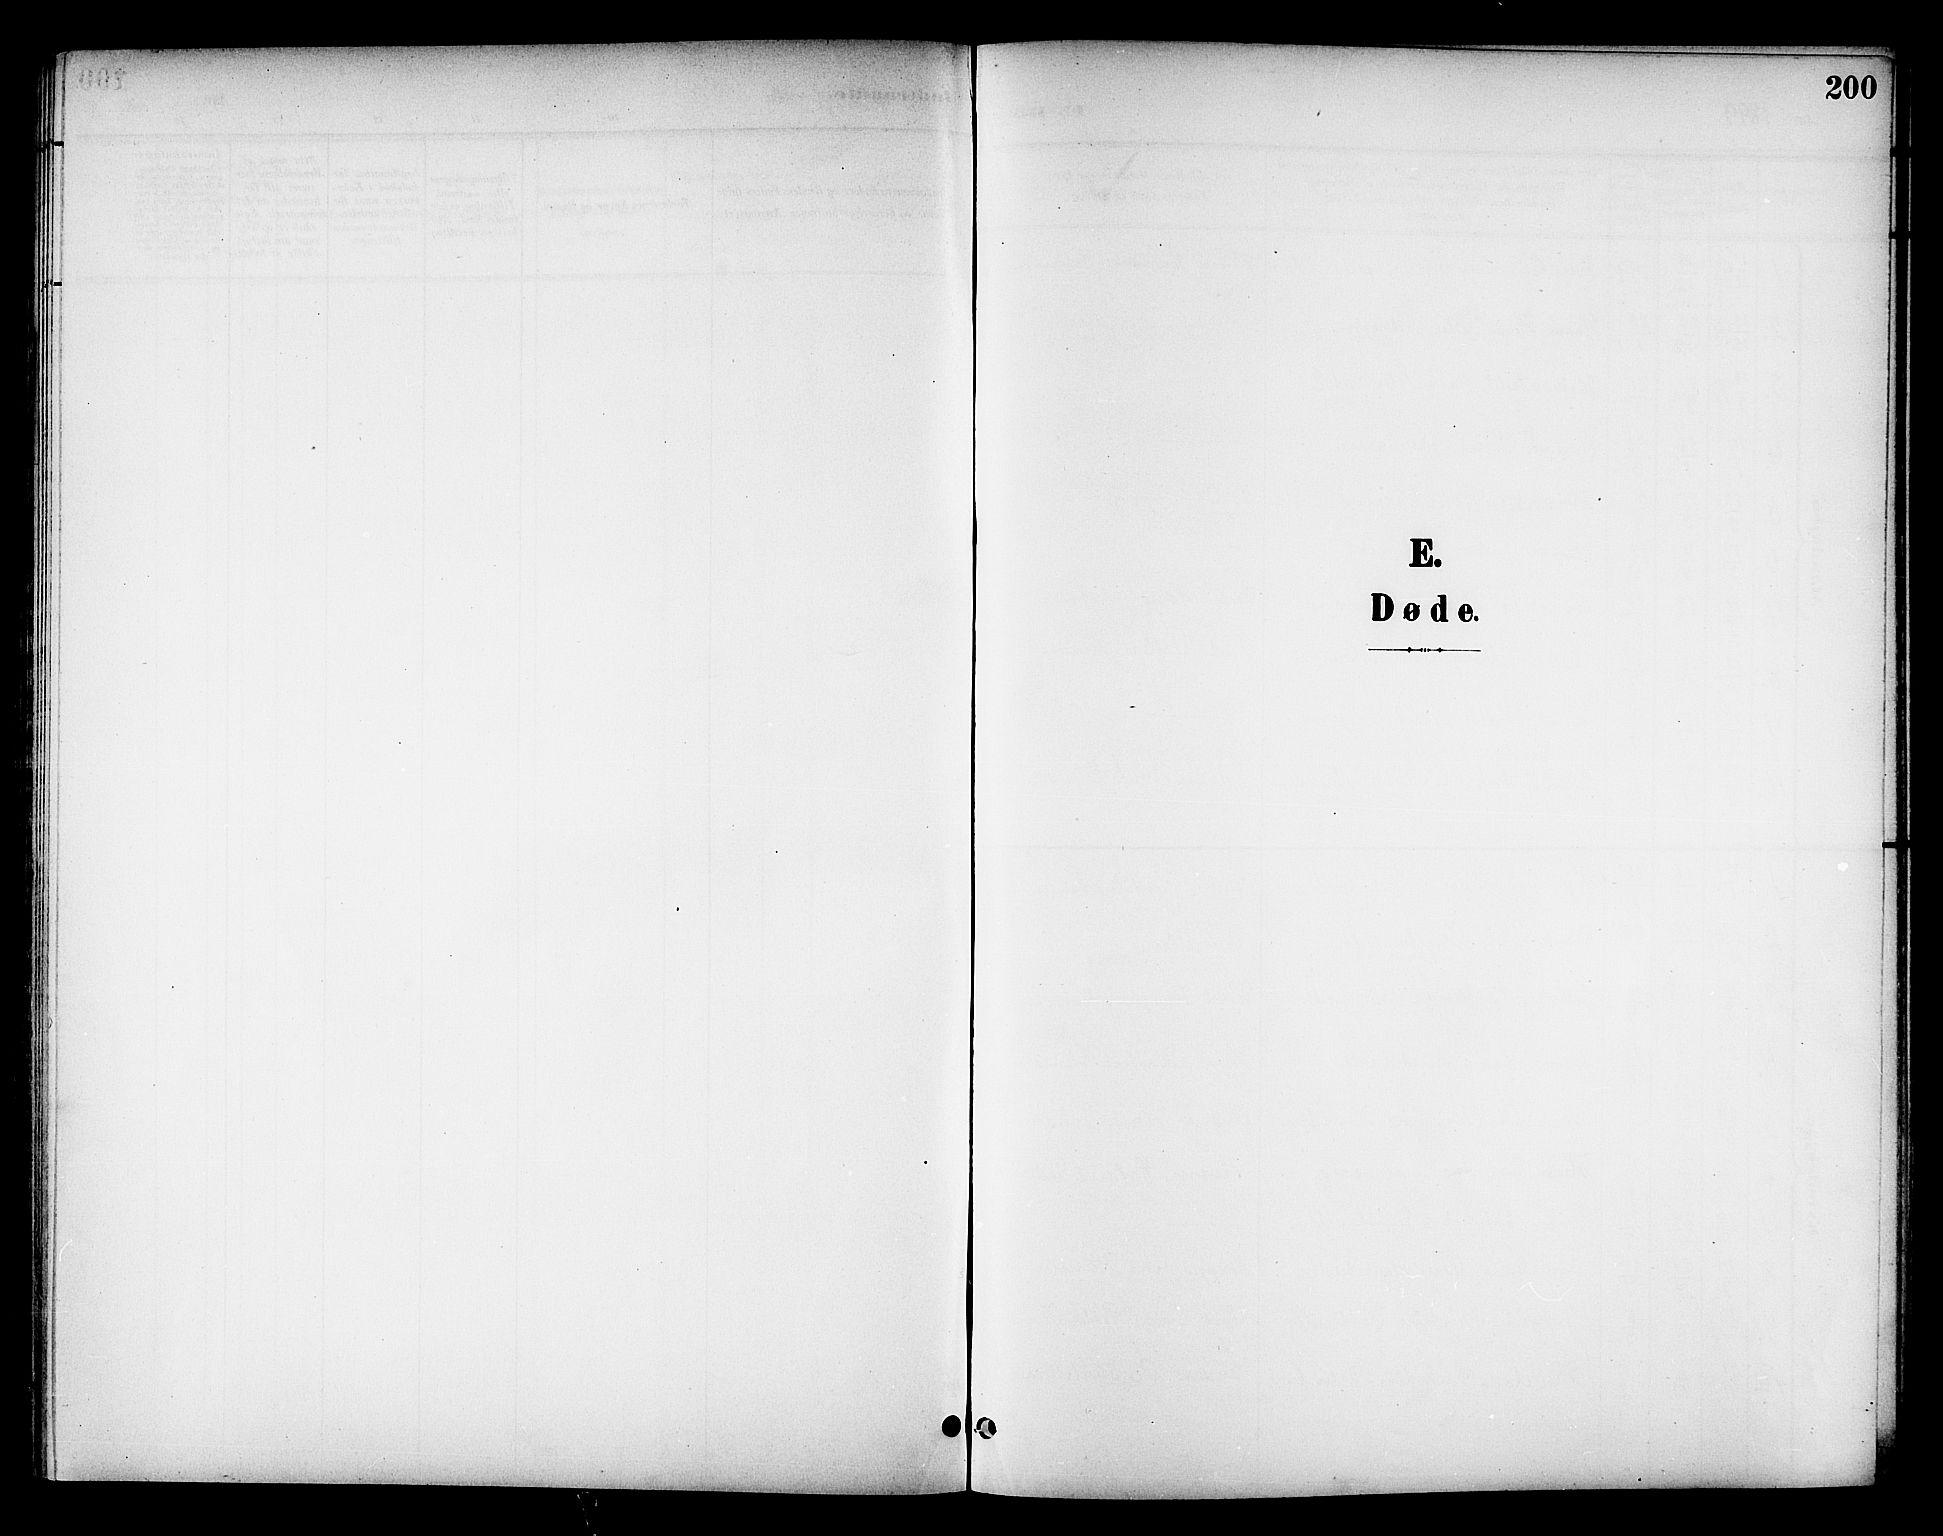 SAT, Ministerialprotokoller, klokkerbøker og fødselsregistre - Sør-Trøndelag, 655/L0688: Klokkerbok nr. 655C04, 1899-1922, s. 200